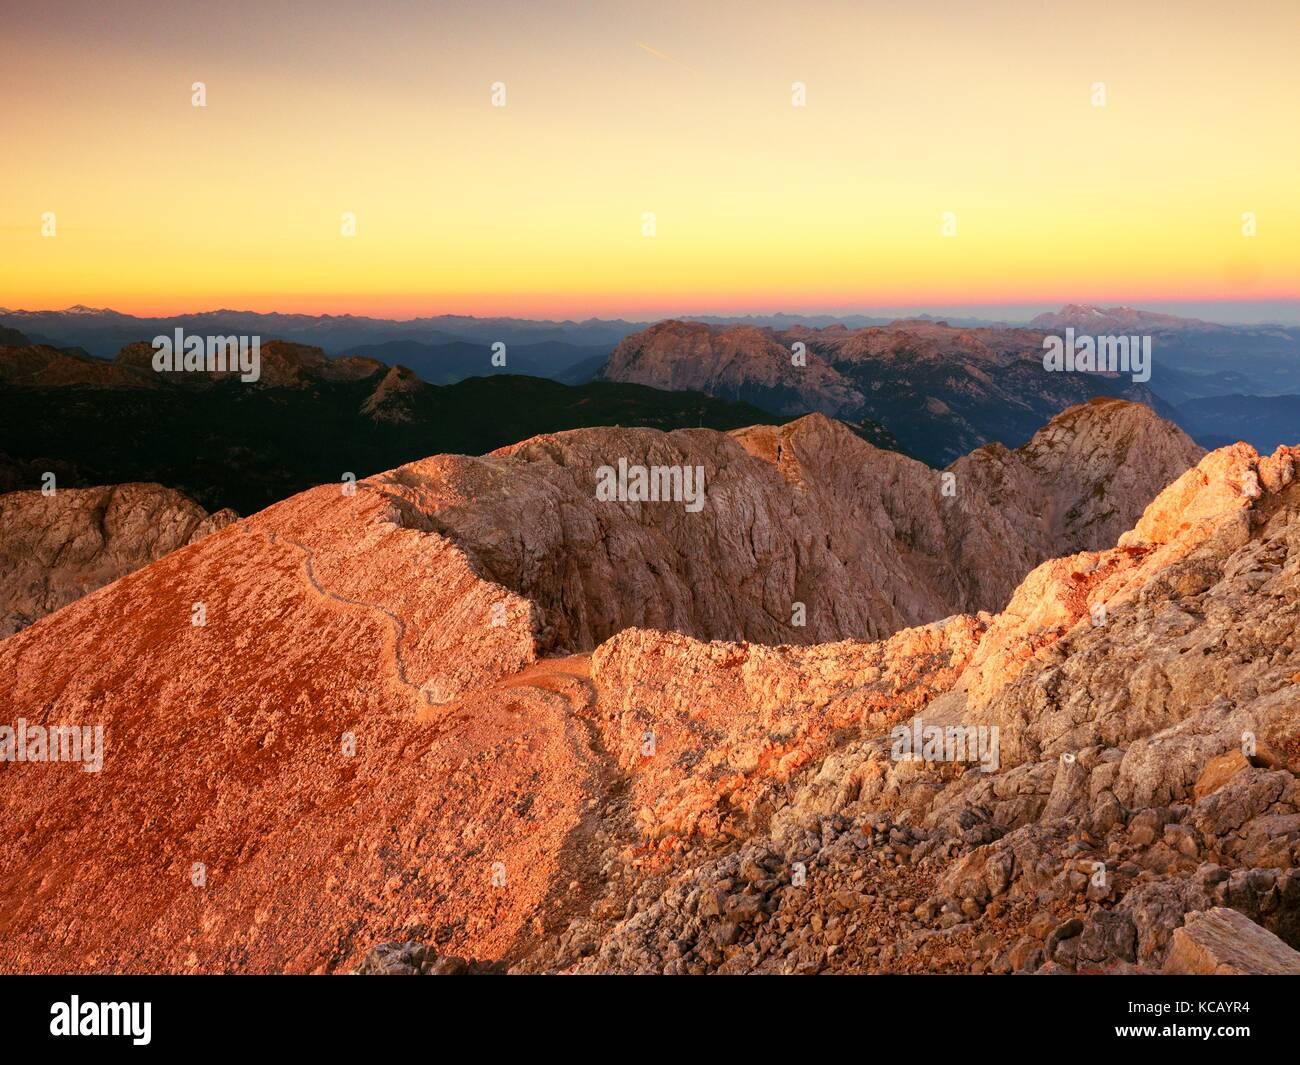 Mañana vistas apine cliff y valle.amanecer sol al horizonte. montañas aumentó de fondo de niebla Foto de stock